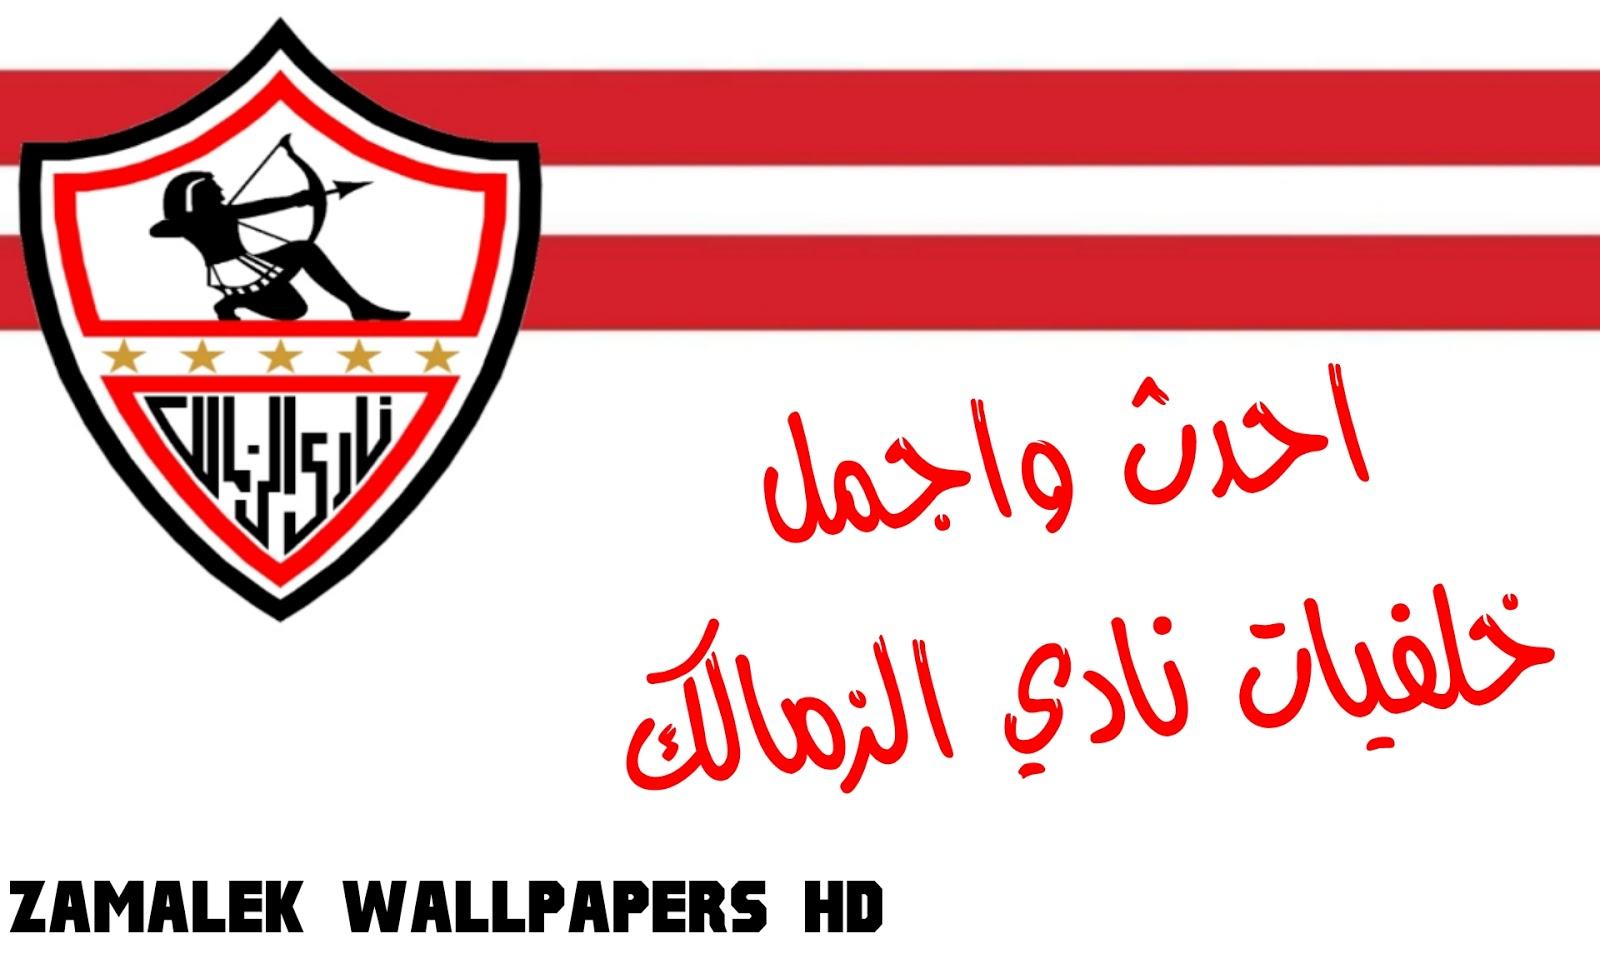 أجمل خلفيات الزمالك المصري  || zamalik wallpapers HD - للاندرويد وايفون